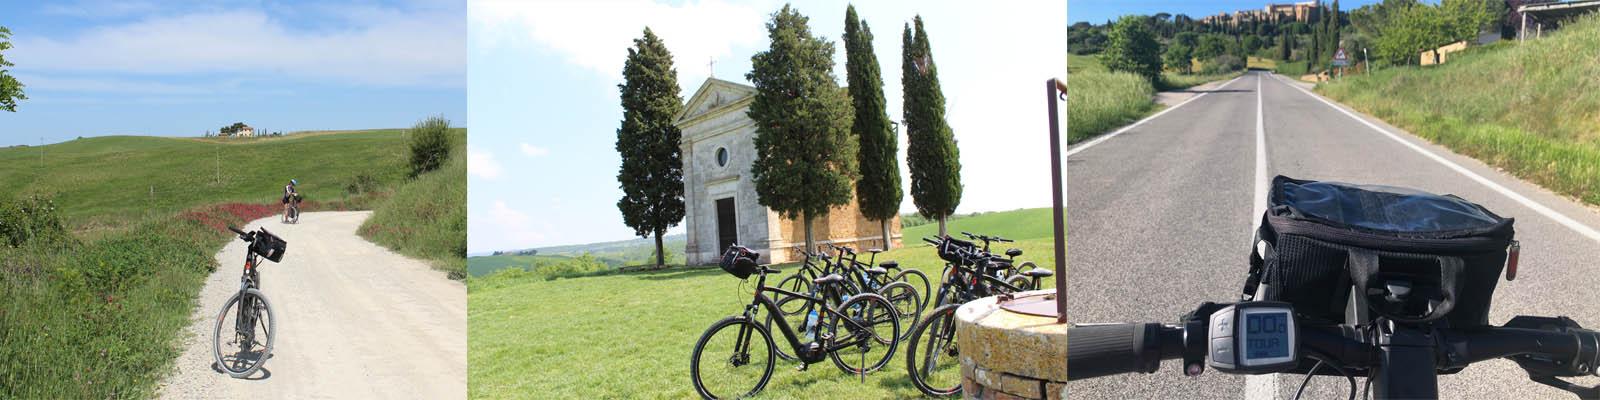 barra per ebike Cycling & Yoga  in Tuscany